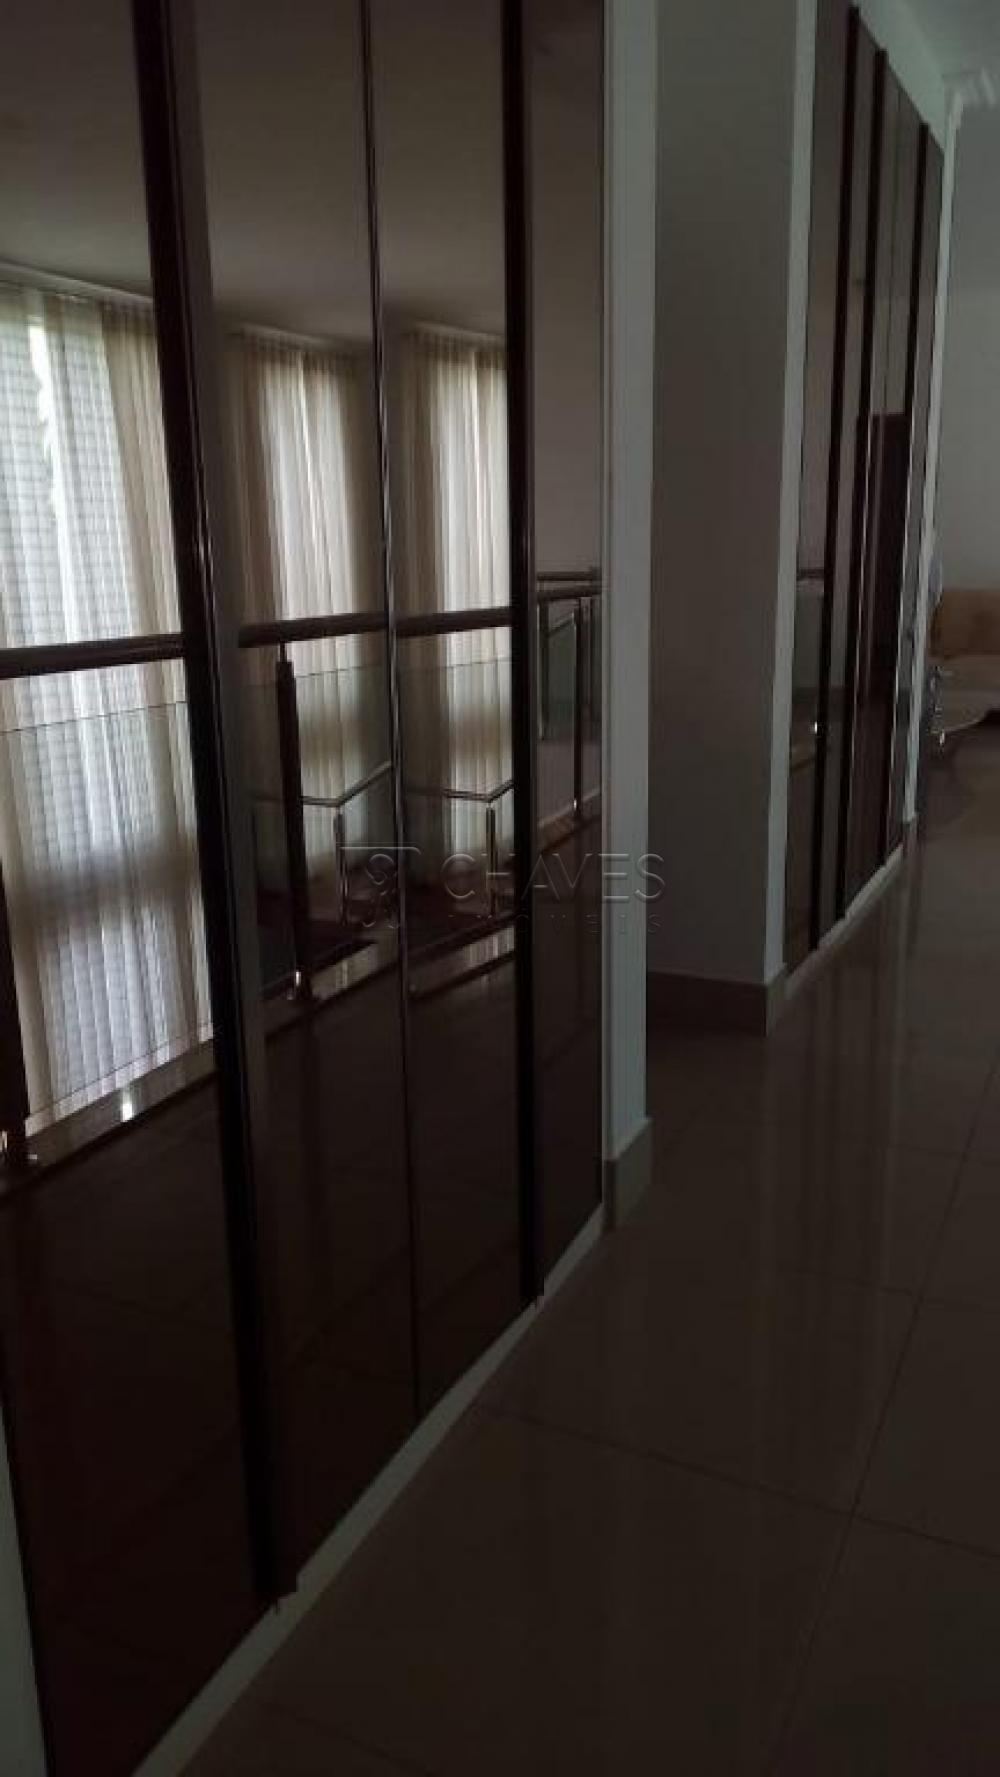 Comprar Casa / Condomínio em Ribeirão Preto apenas R$ 3.500.000,00 - Foto 18